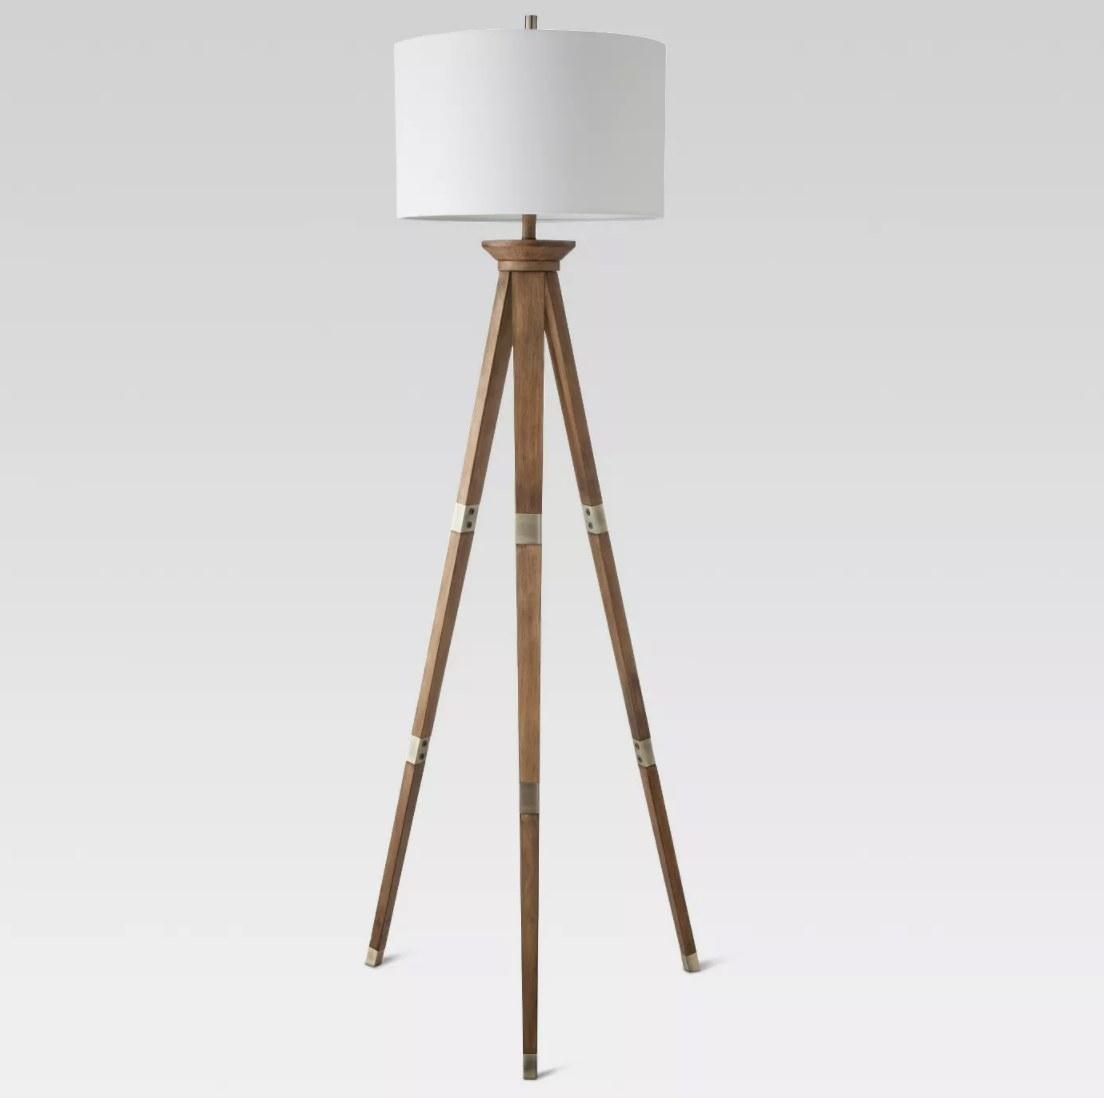 Three legged floor lamp